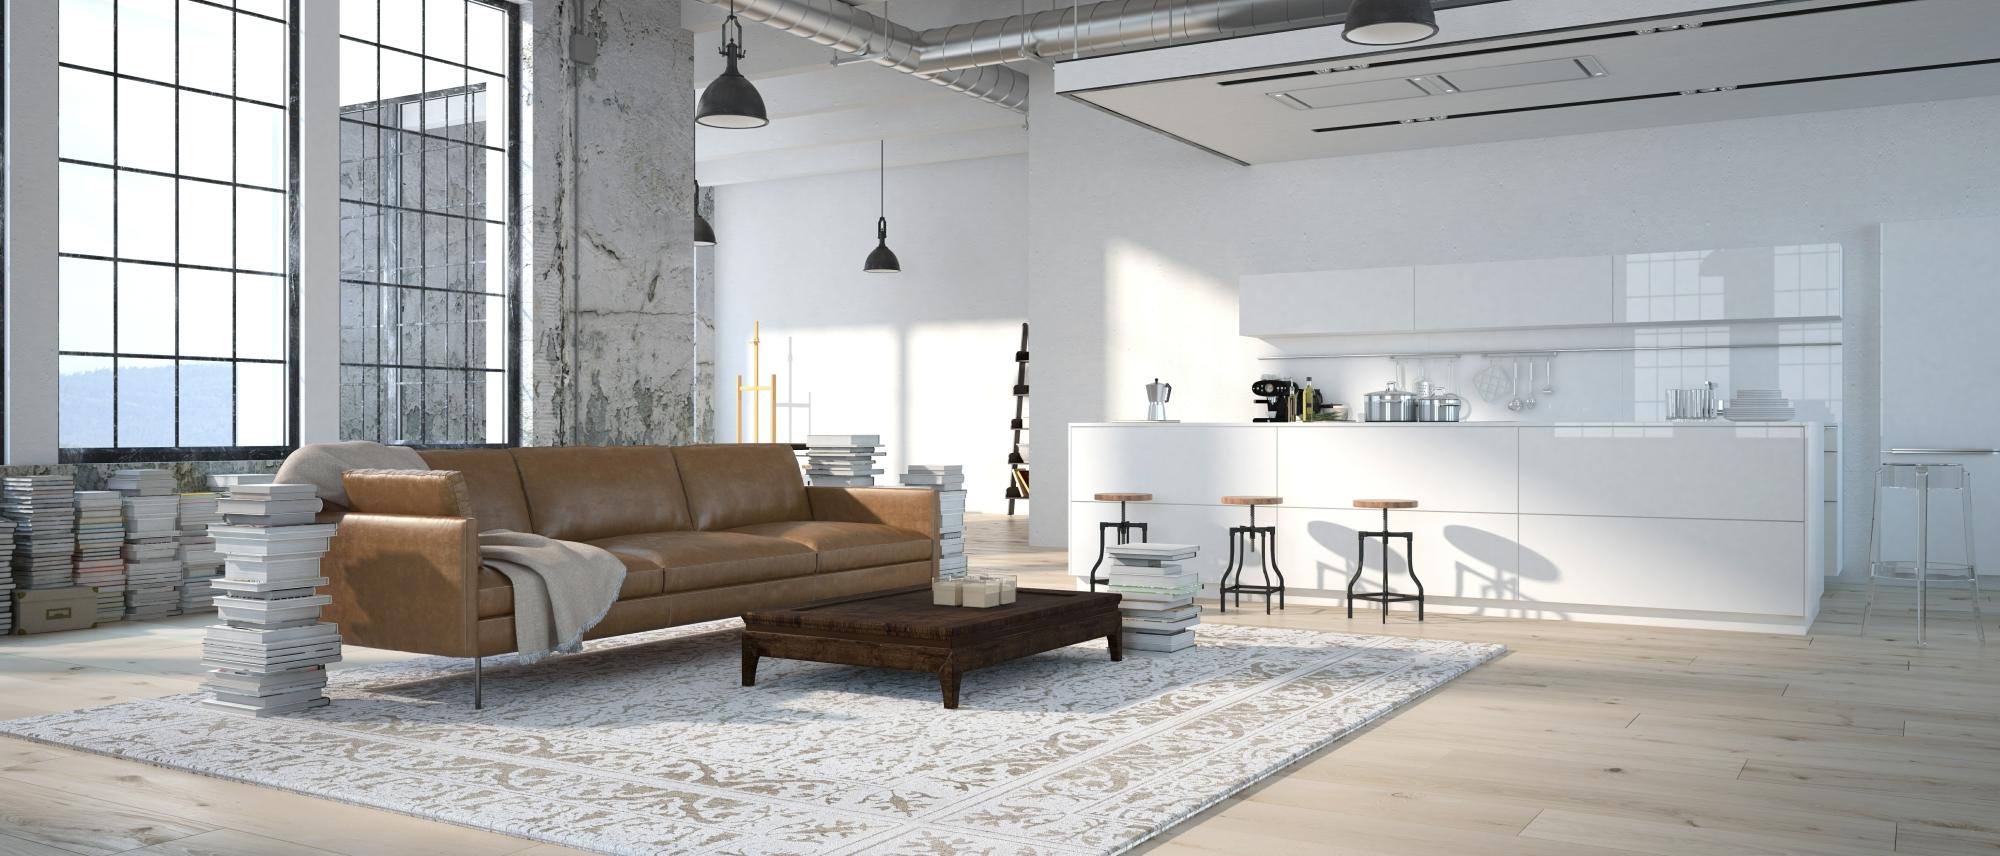 Styl minimalistyczny we wnętrzach